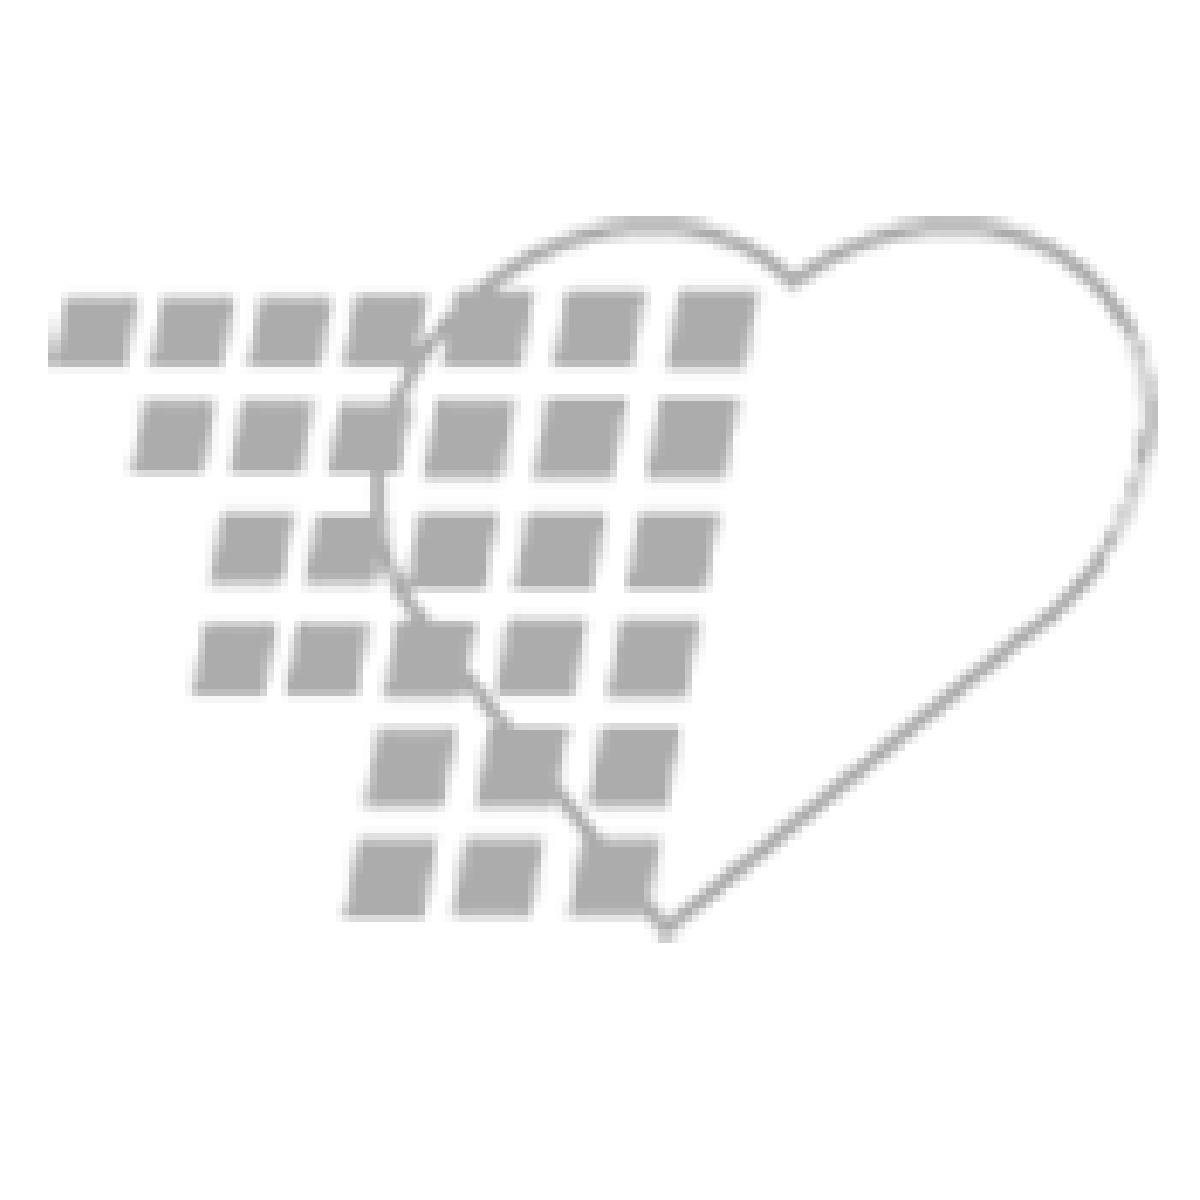 05-41-5005 - Securi-T® Curved Tail Closure